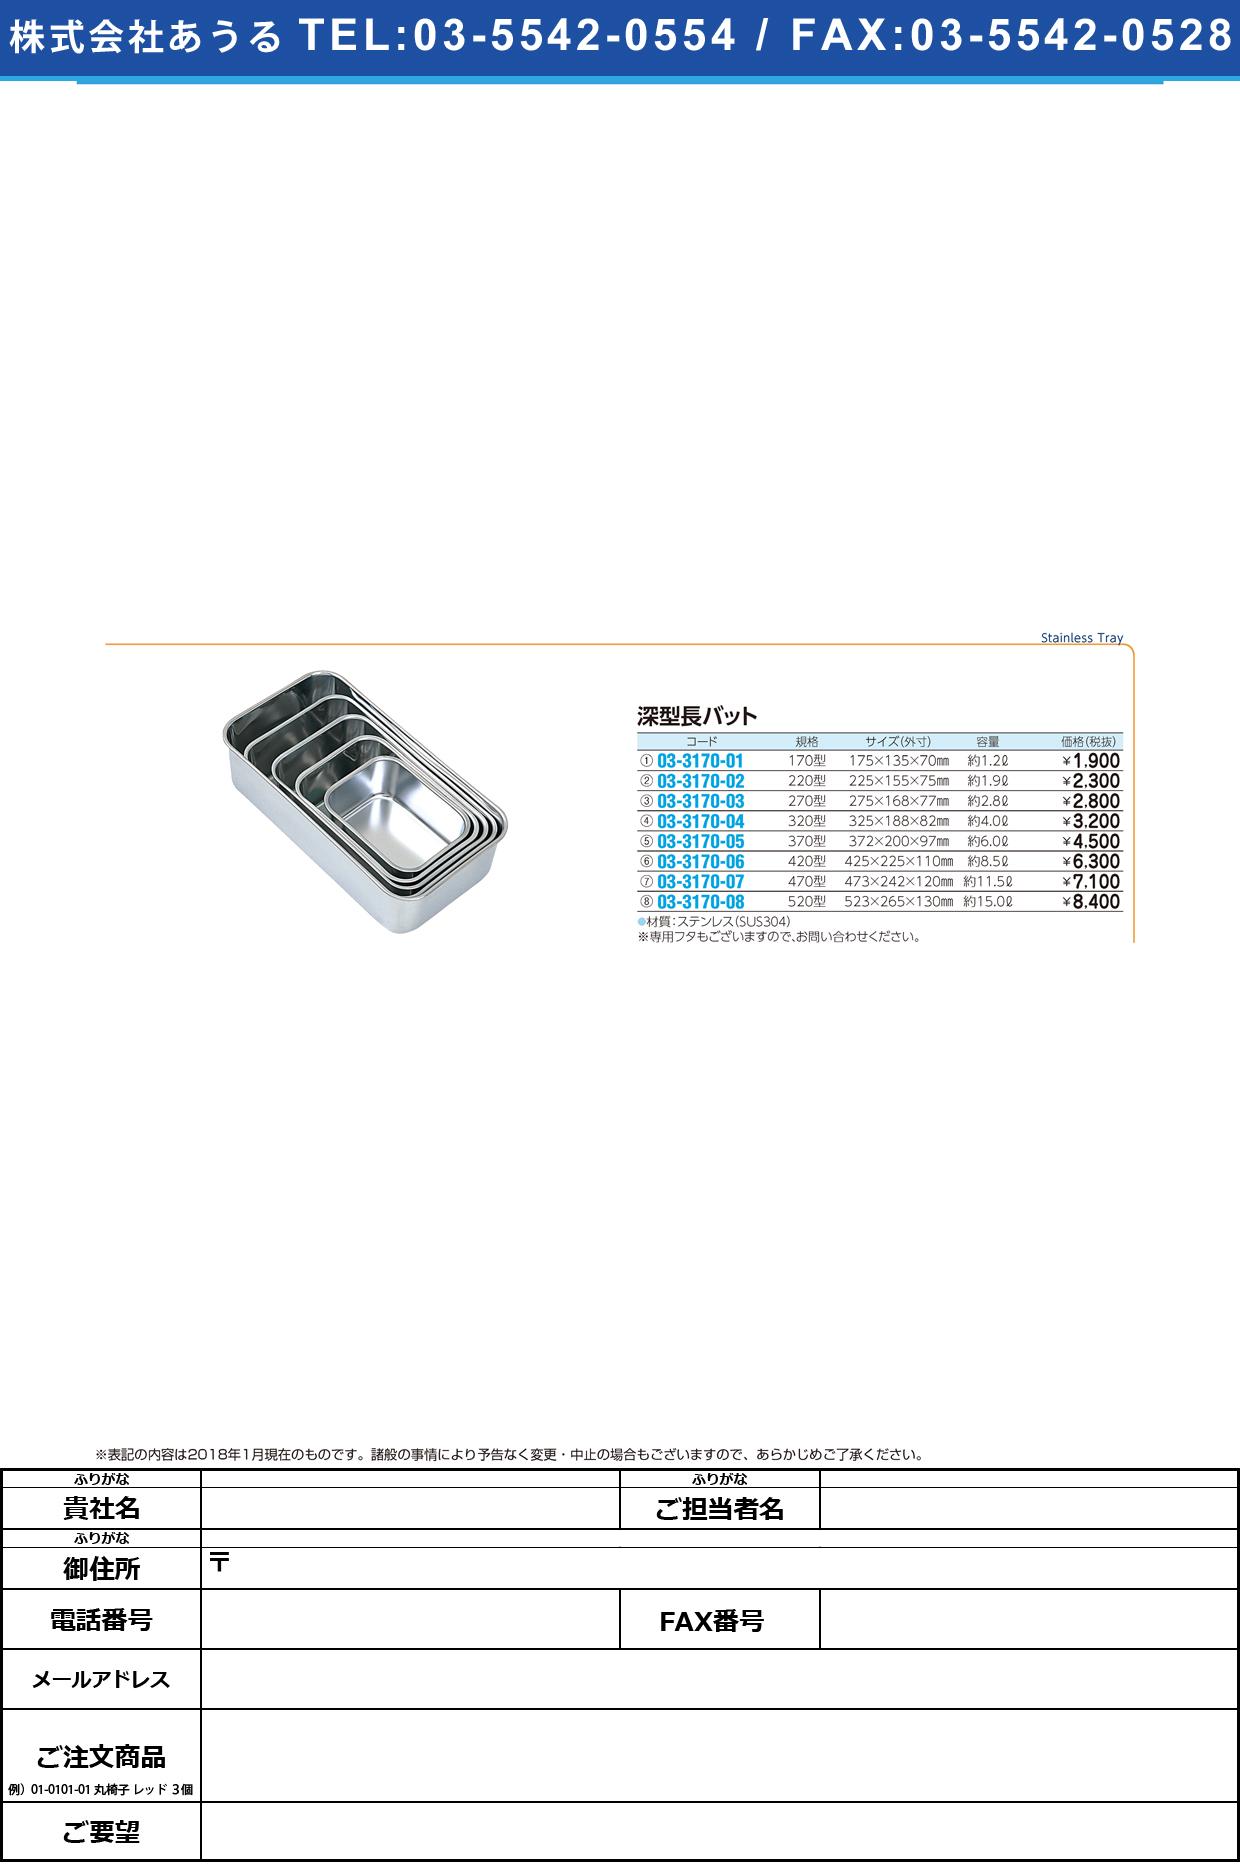 (03-3170-06)深型長バット420型 425X225X110MM バット【1枚単位】【2018年カタログ商品】